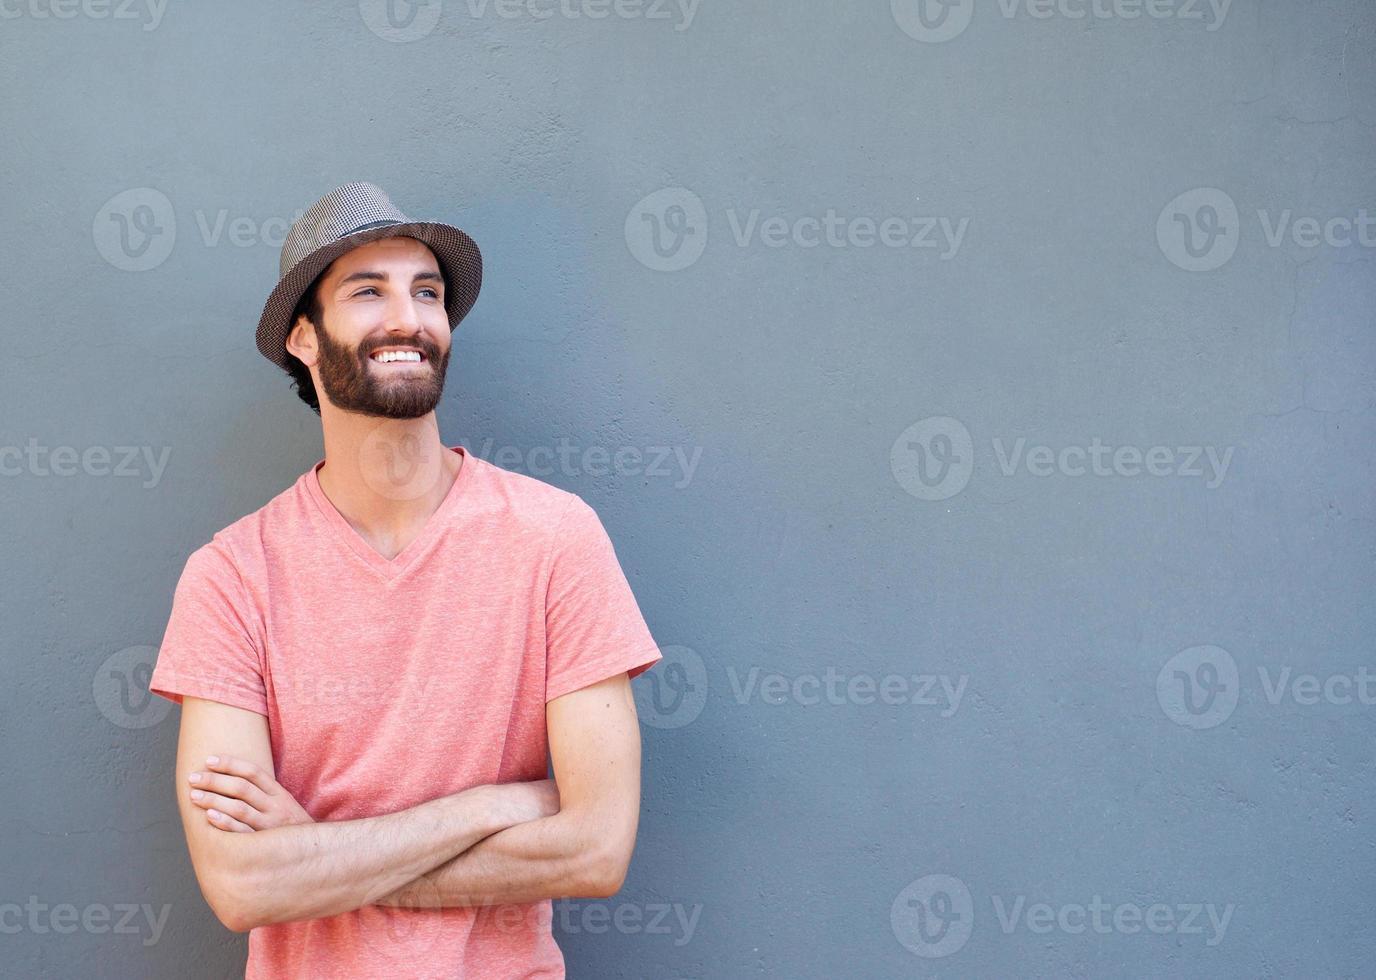 attraktiver junger Mann, der mit verschränkten Armen lächelt foto